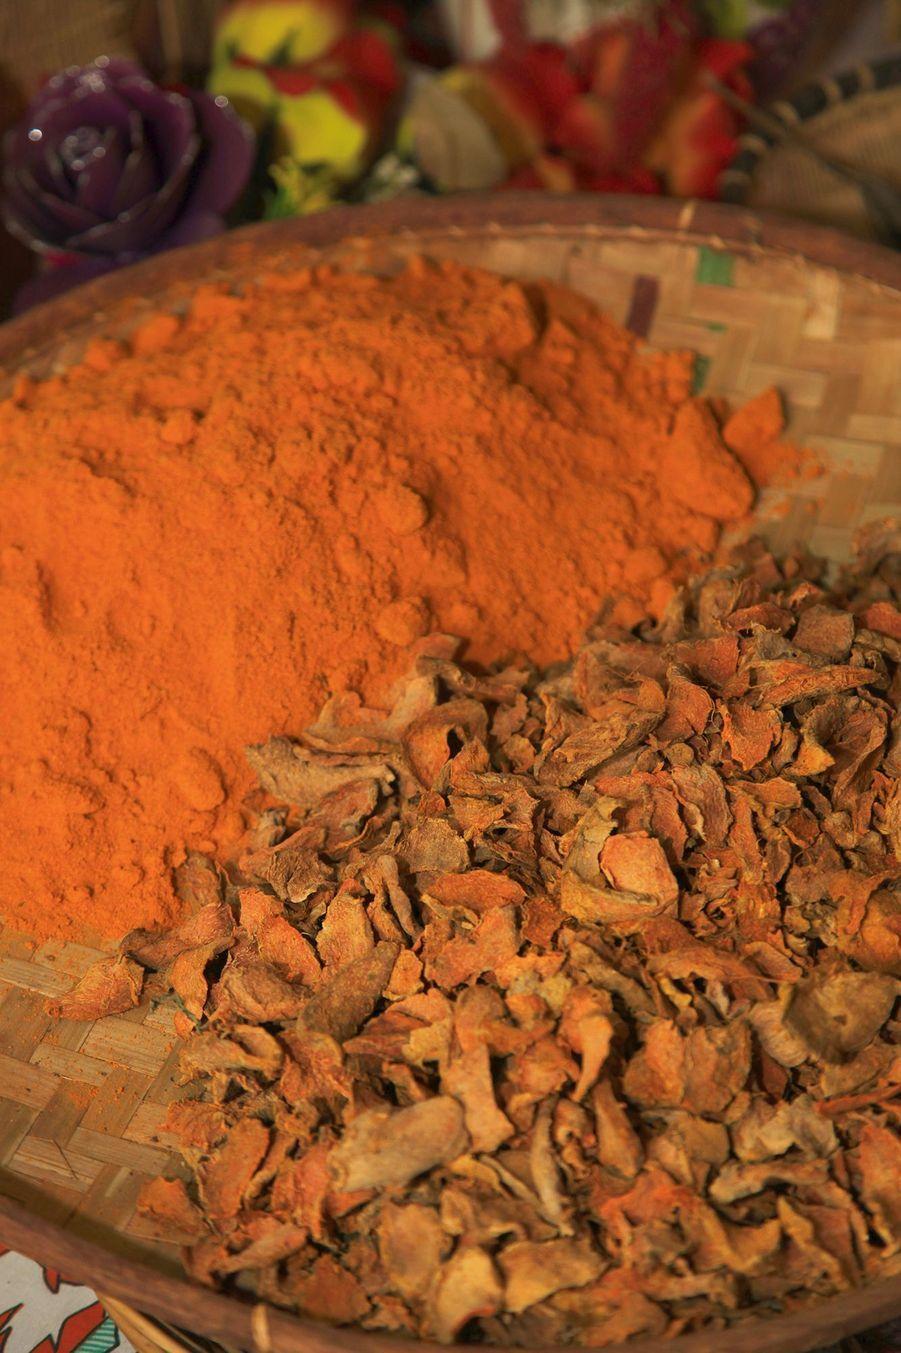 Le curcuma de La Réunion, appelé aussi safranpéi, est une épice très convoitée par les chefs cuisiniers